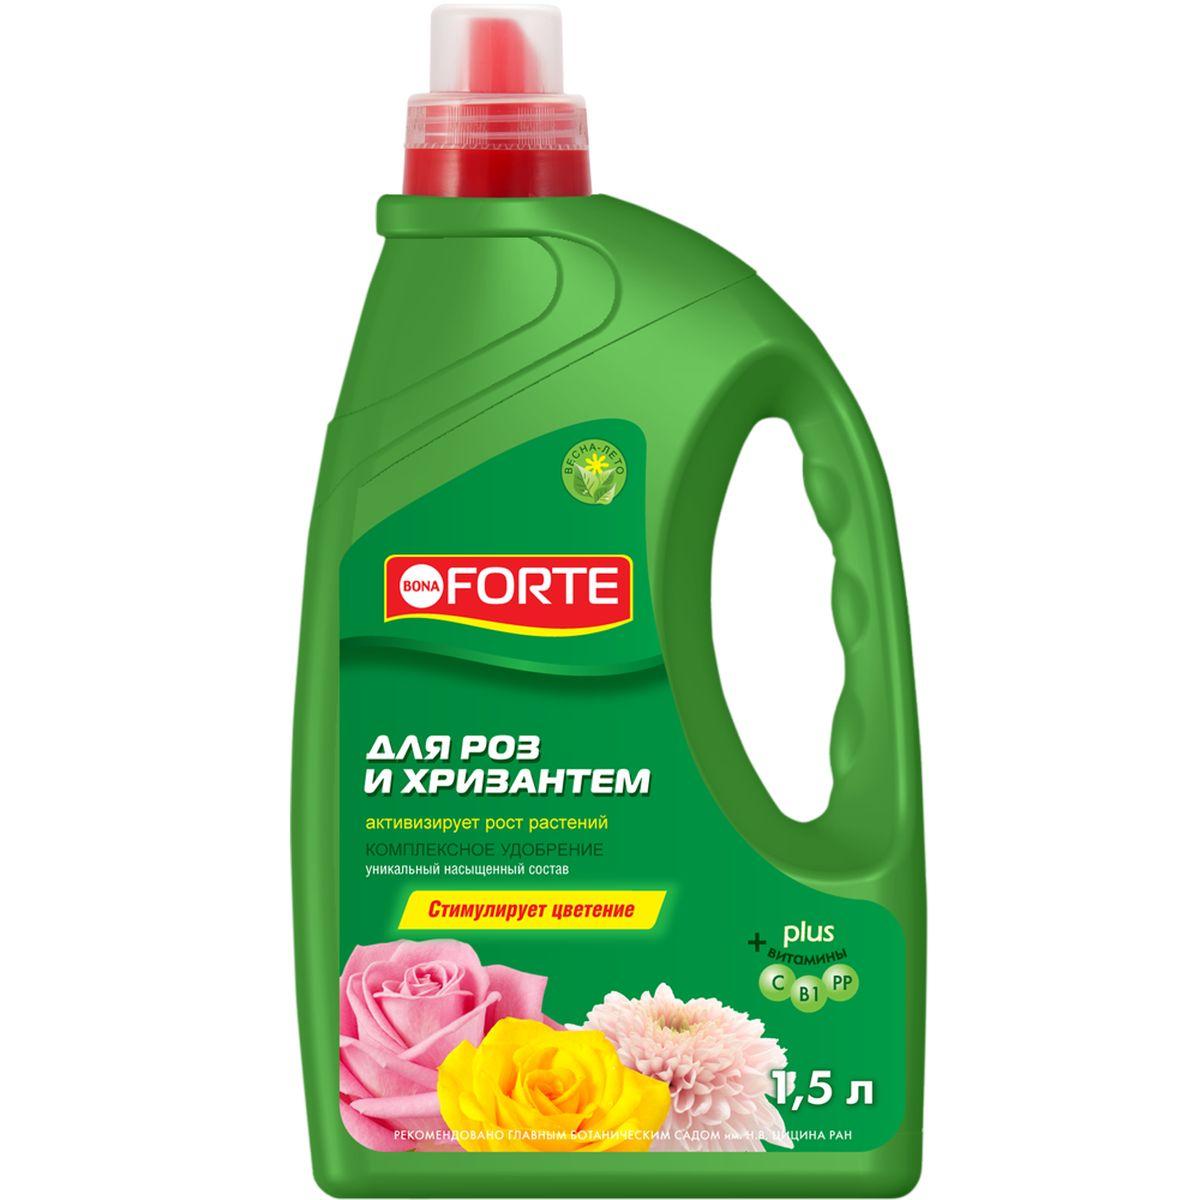 Жидкое комплексное удобрение Bona Forte, для роз и хризантем, 1,5 лBF-21-04-012-1Стимулирует повторную бутонизацию, способствует продолжительному цветению, делает яркими и сочными лепестки соцветий.